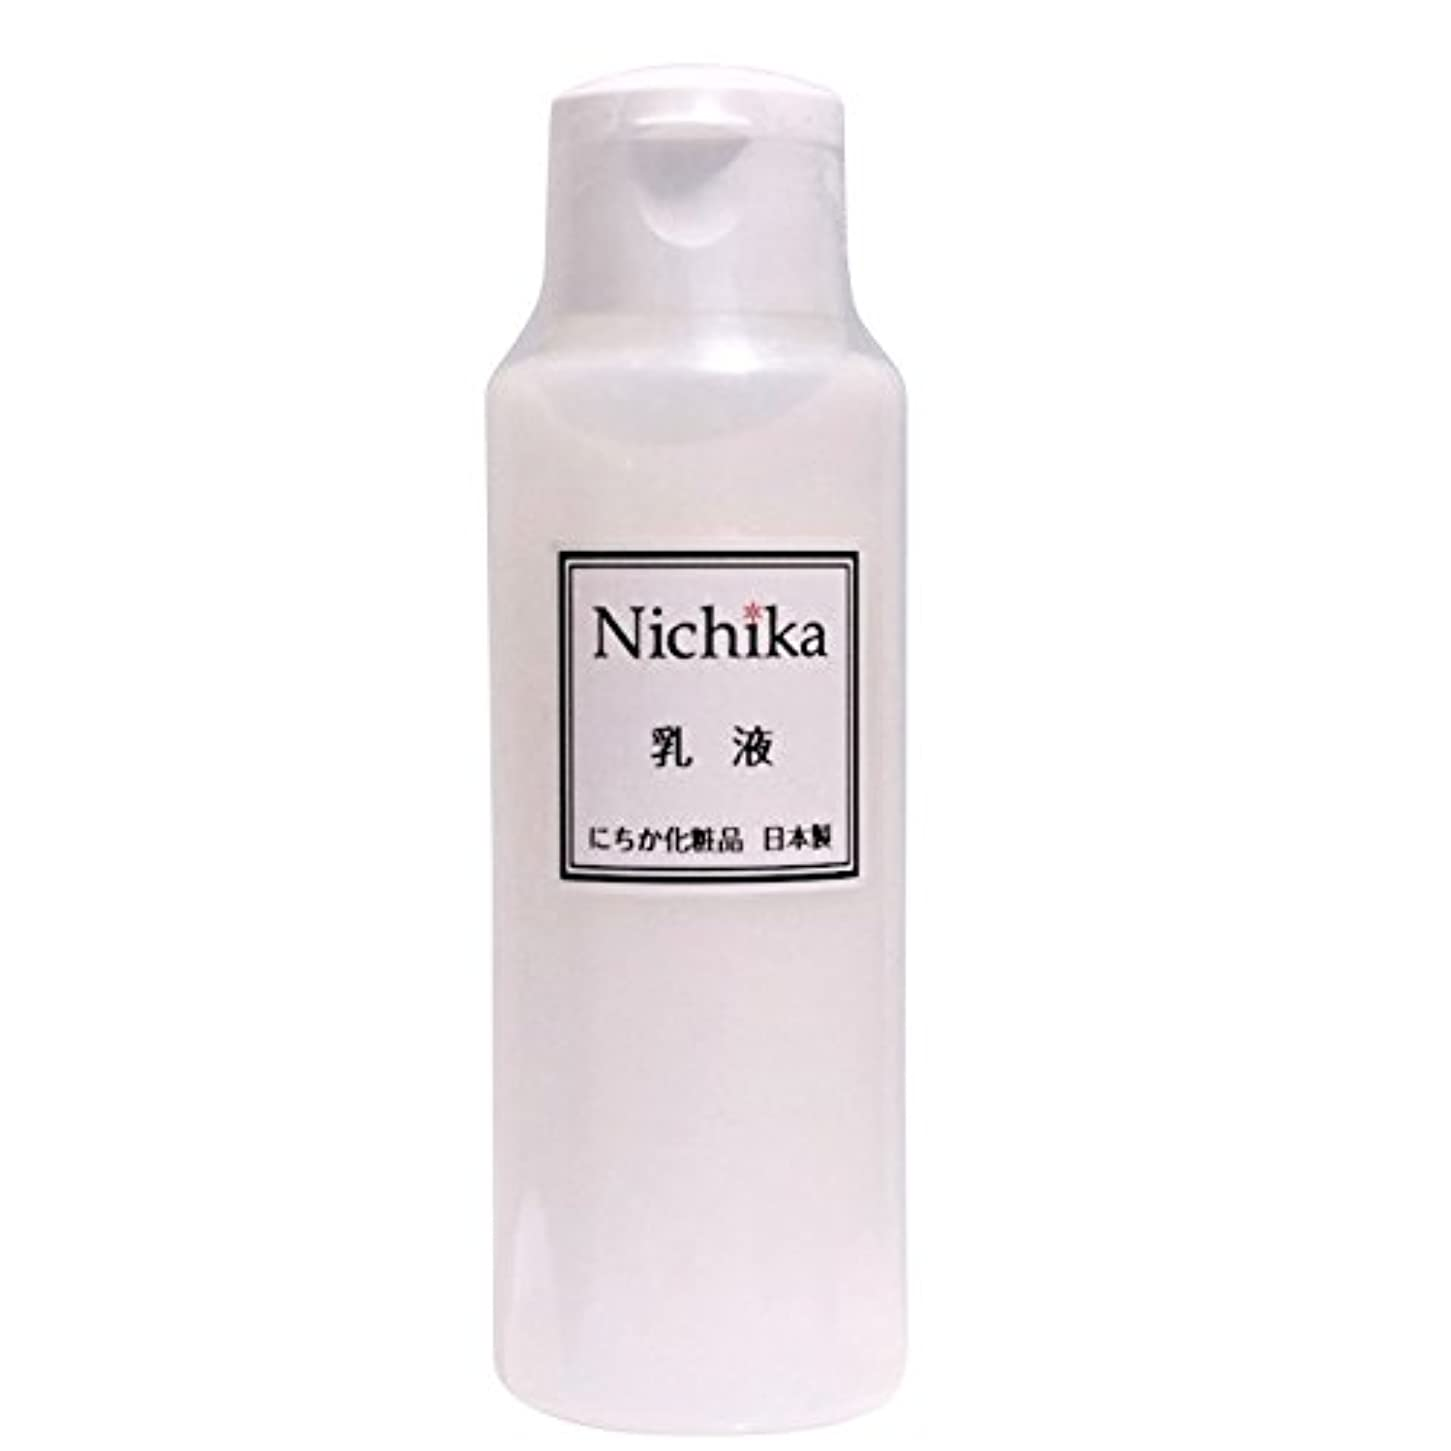 絶え間ないチャンピオンファイナンスにちか乳液 内容量100ml 日本製 『ワンランク上の潤いハリ肌』を『リーズナブル』に。  ヒアルロン酸の1.3倍の保水力があるプロテオグリカン配合。 素早く水分と油分の膜を作り、うるおい成分を肌に届け 水分と油分のバランスが良い「健康肌」をつくります。にちか化粧品は肌バリアに注目した化粧品です。肌バリアは深い位置の肌を紫外線や刺激から守り肌の奥から潤い肌を育てます。 さっぱりとした使用感で、肌馴染みが良い使用感は今よりワンランク上の肌を目指す方におススメです。